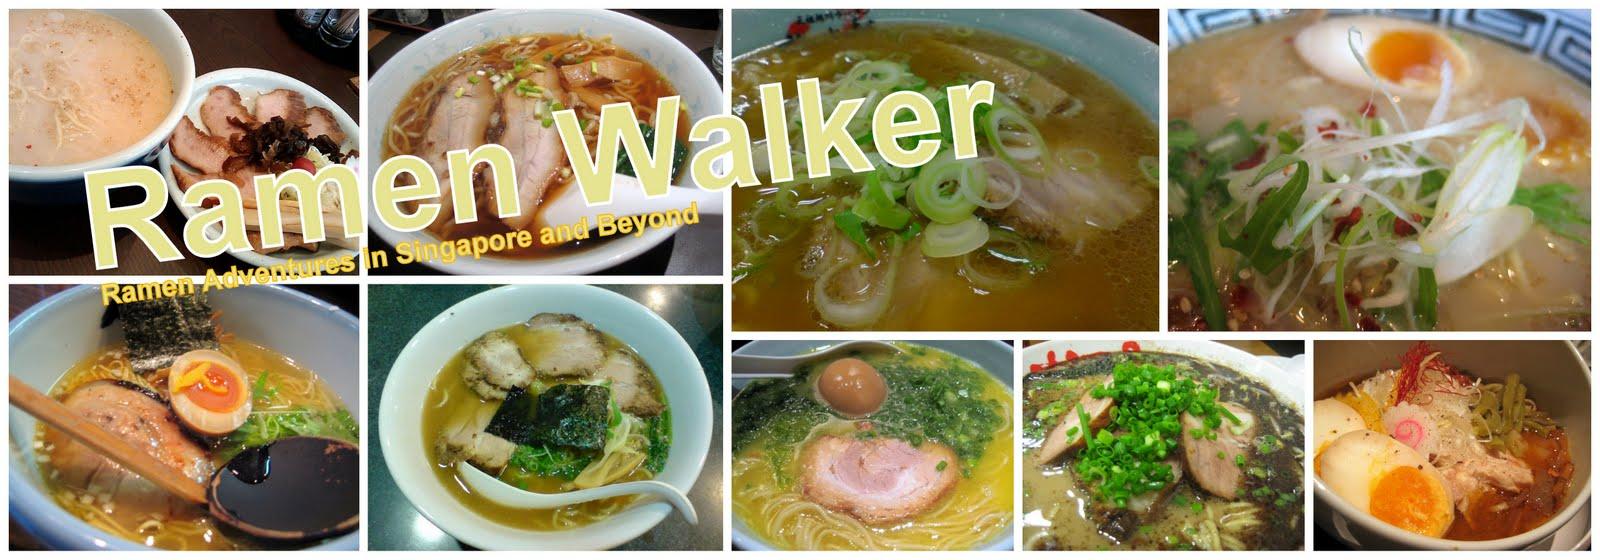 Ramen Walker